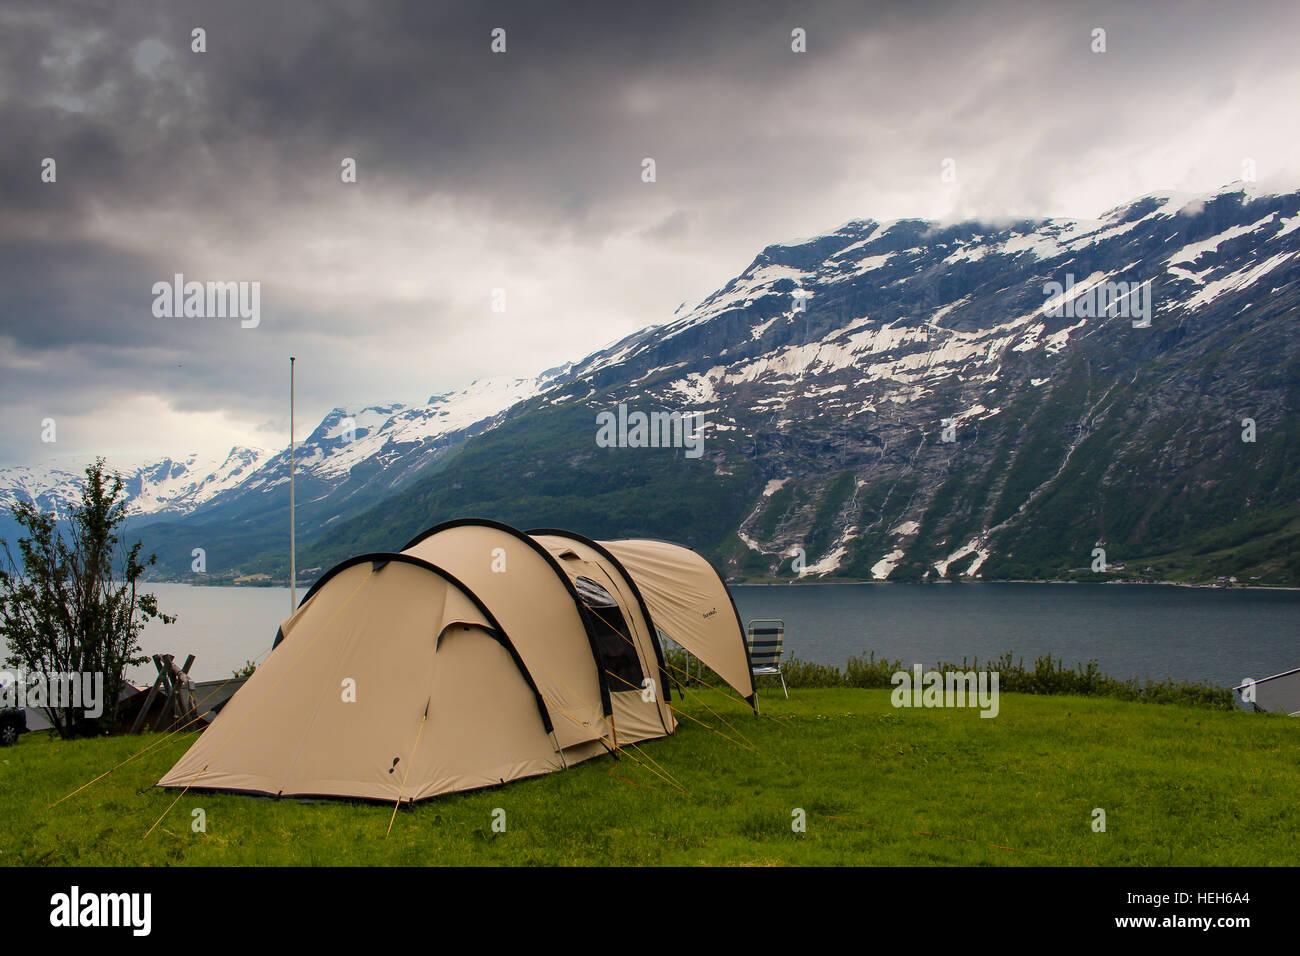 Acampar en un fiordo noruego con nubes oscuras y las montañas cubiertas de nieve en el fondo Imagen De Stock